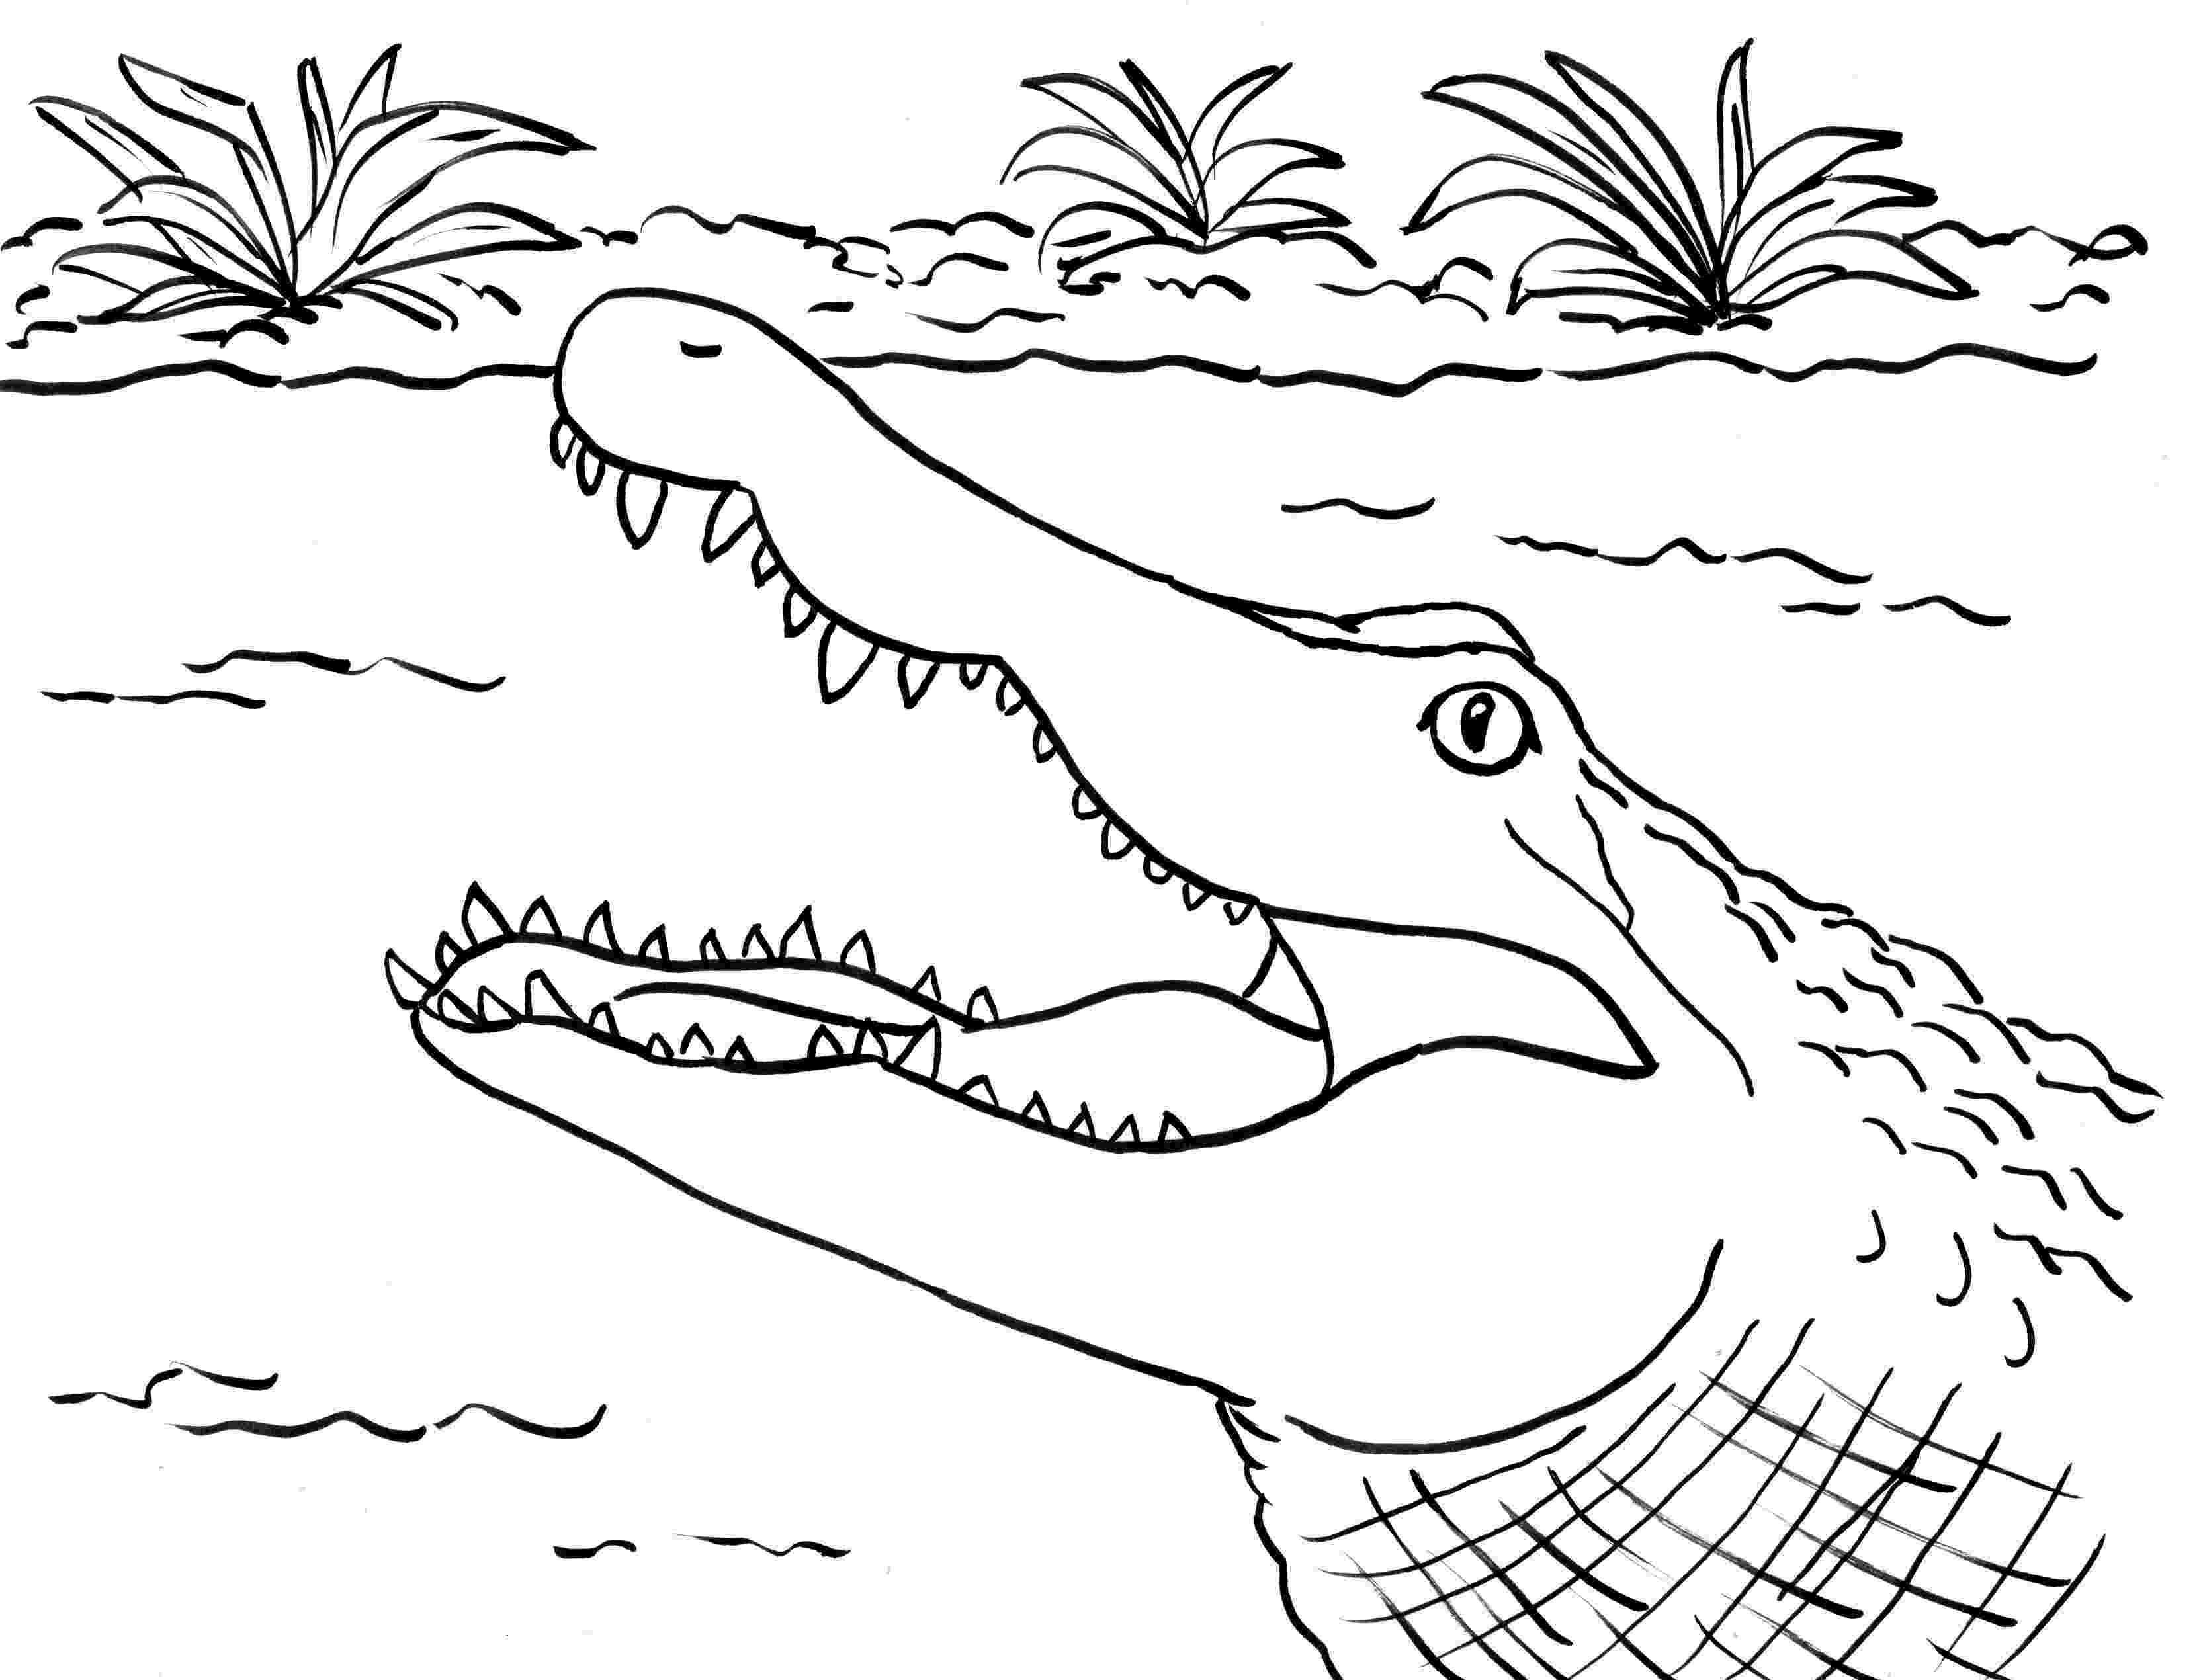 alligator color alligator coloring page samantha bell alligator color